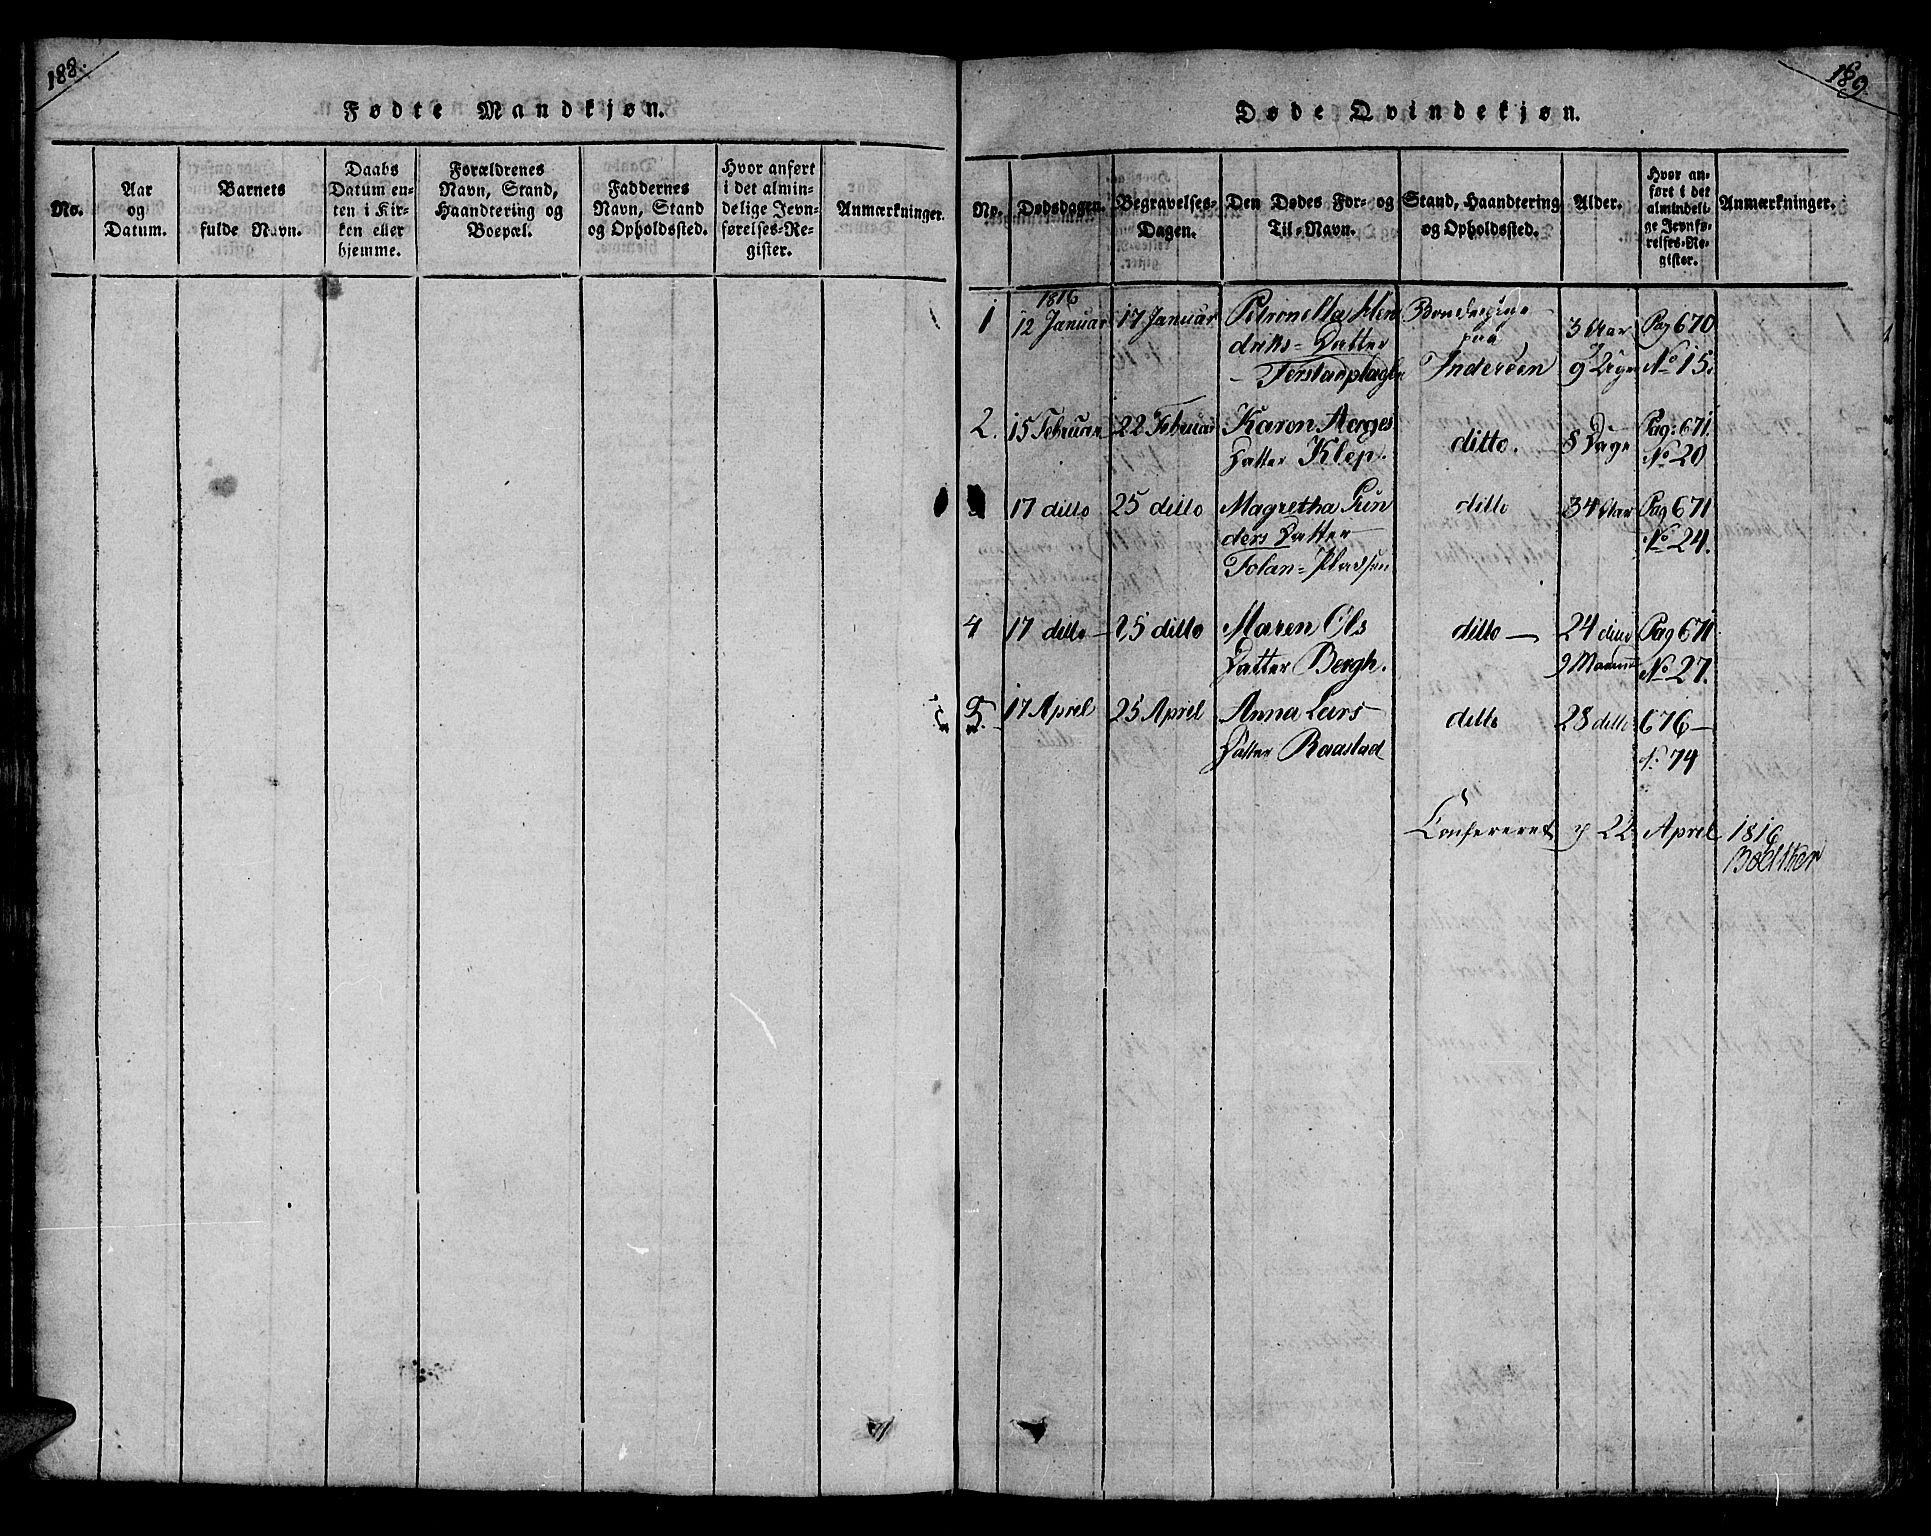 SAT, Ministerialprotokoller, klokkerbøker og fødselsregistre - Nord-Trøndelag, 730/L0275: Ministerialbok nr. 730A04, 1816-1822, s. 188-189